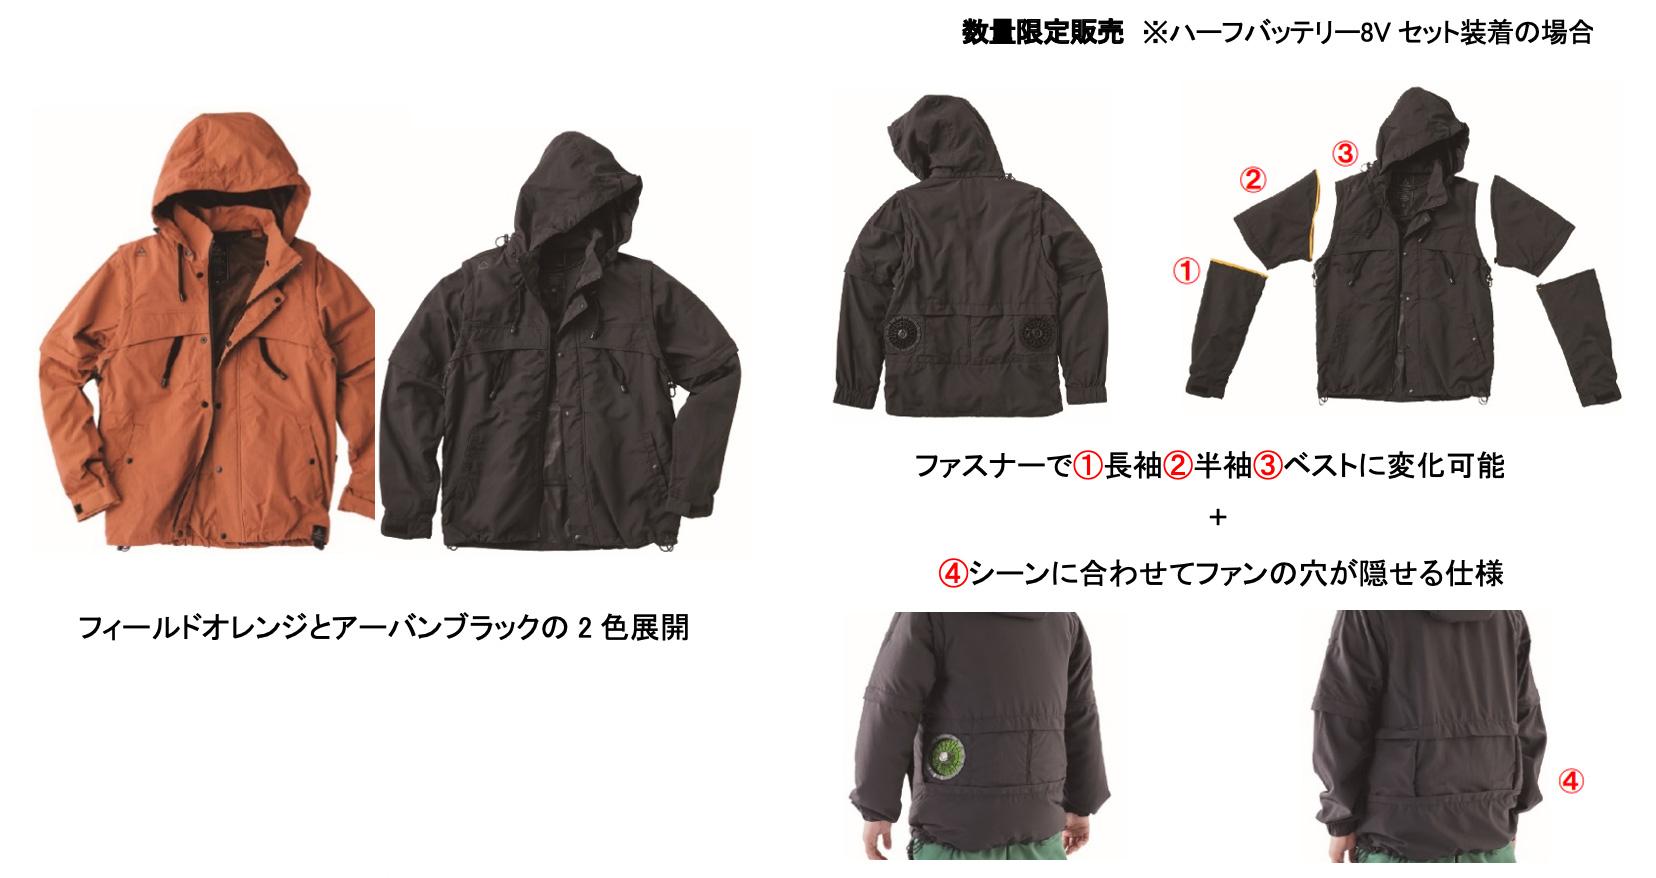 第4位 WZ1800アーバンアウトドア4WAYジャケット 税込4,900円 ファン・バッテリー合わせて税込13,700円